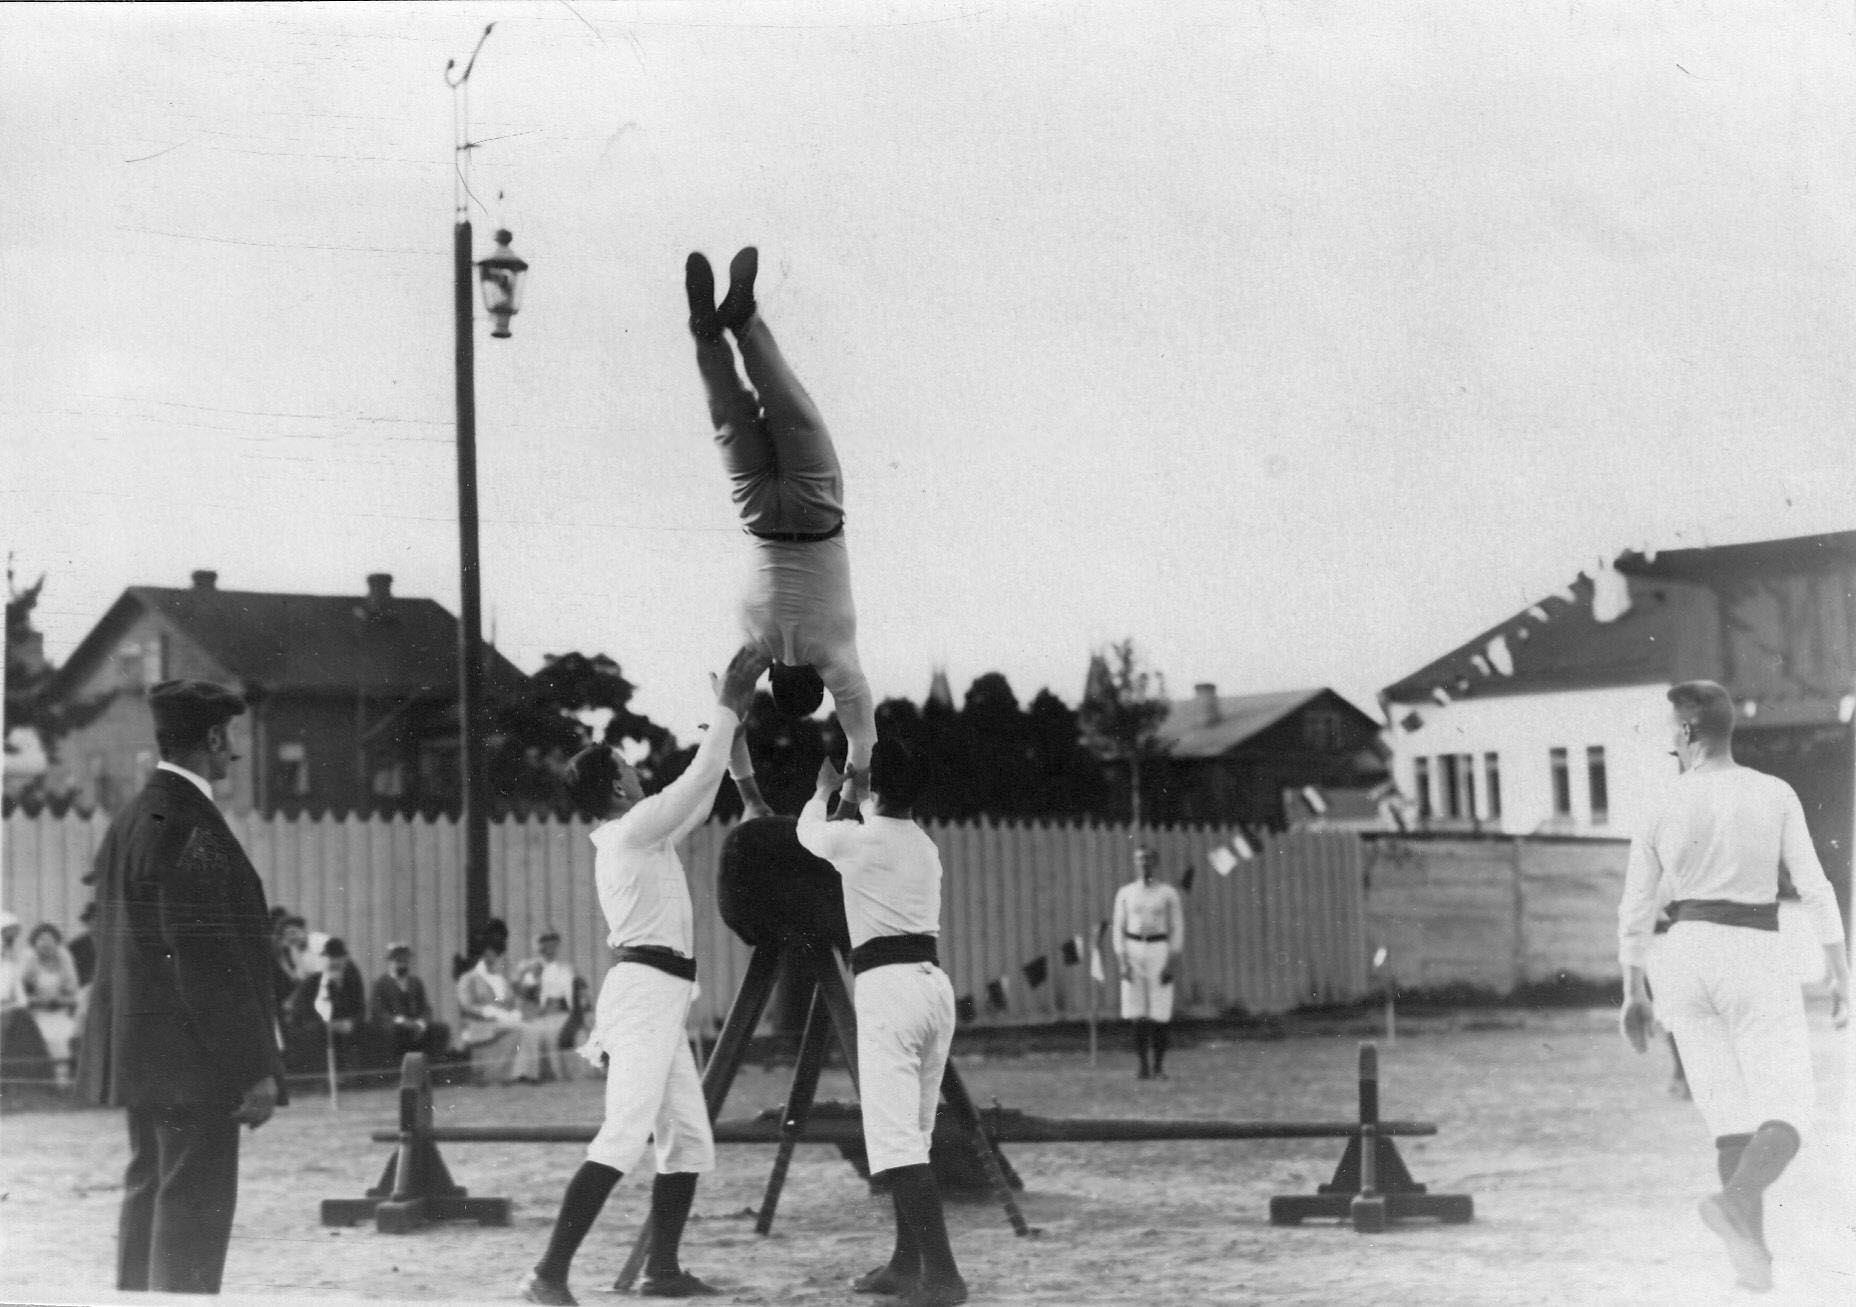 Члены гимнастического общества «Пальма» выполняют упражнения на козле